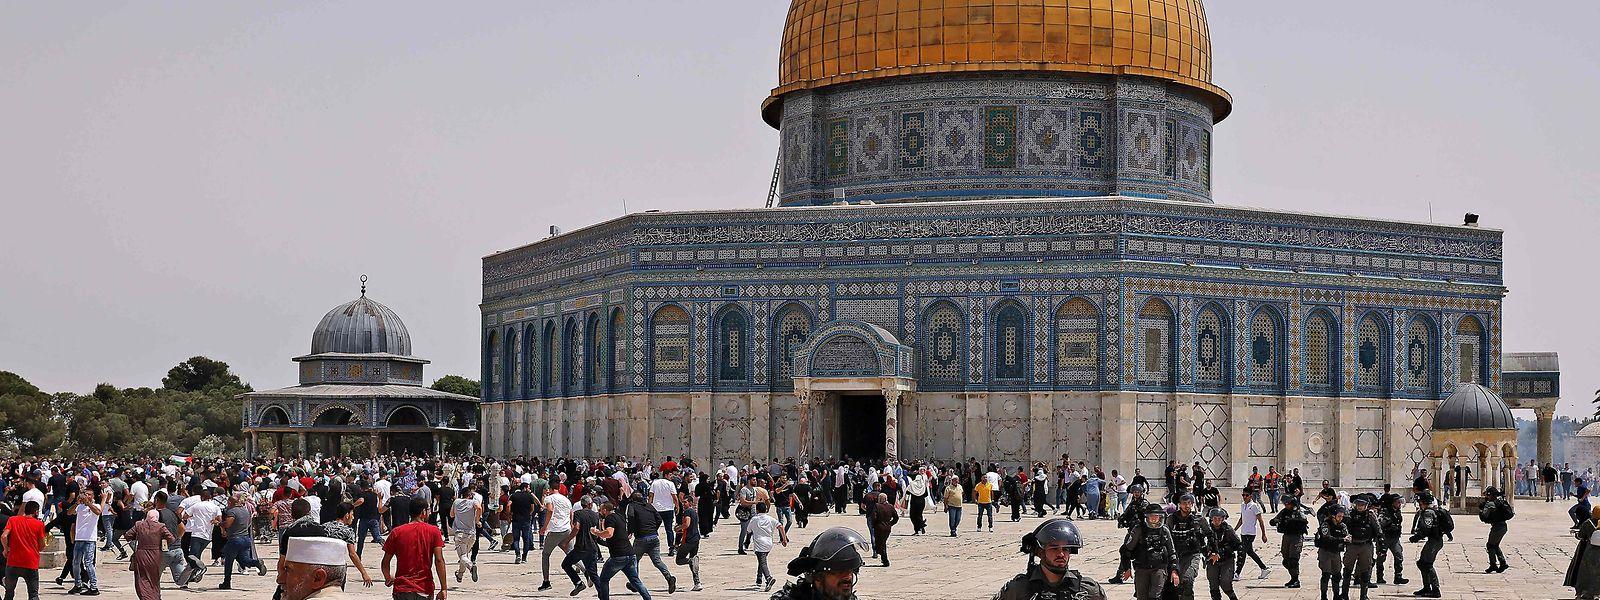 Der Tempelberg in Jerusalem ist einer der umstrittensten heiligen Orte der Welt und Ausgangspunkt der jüngsten Gewalteskalation zwischen Israelis und Palästinensern.